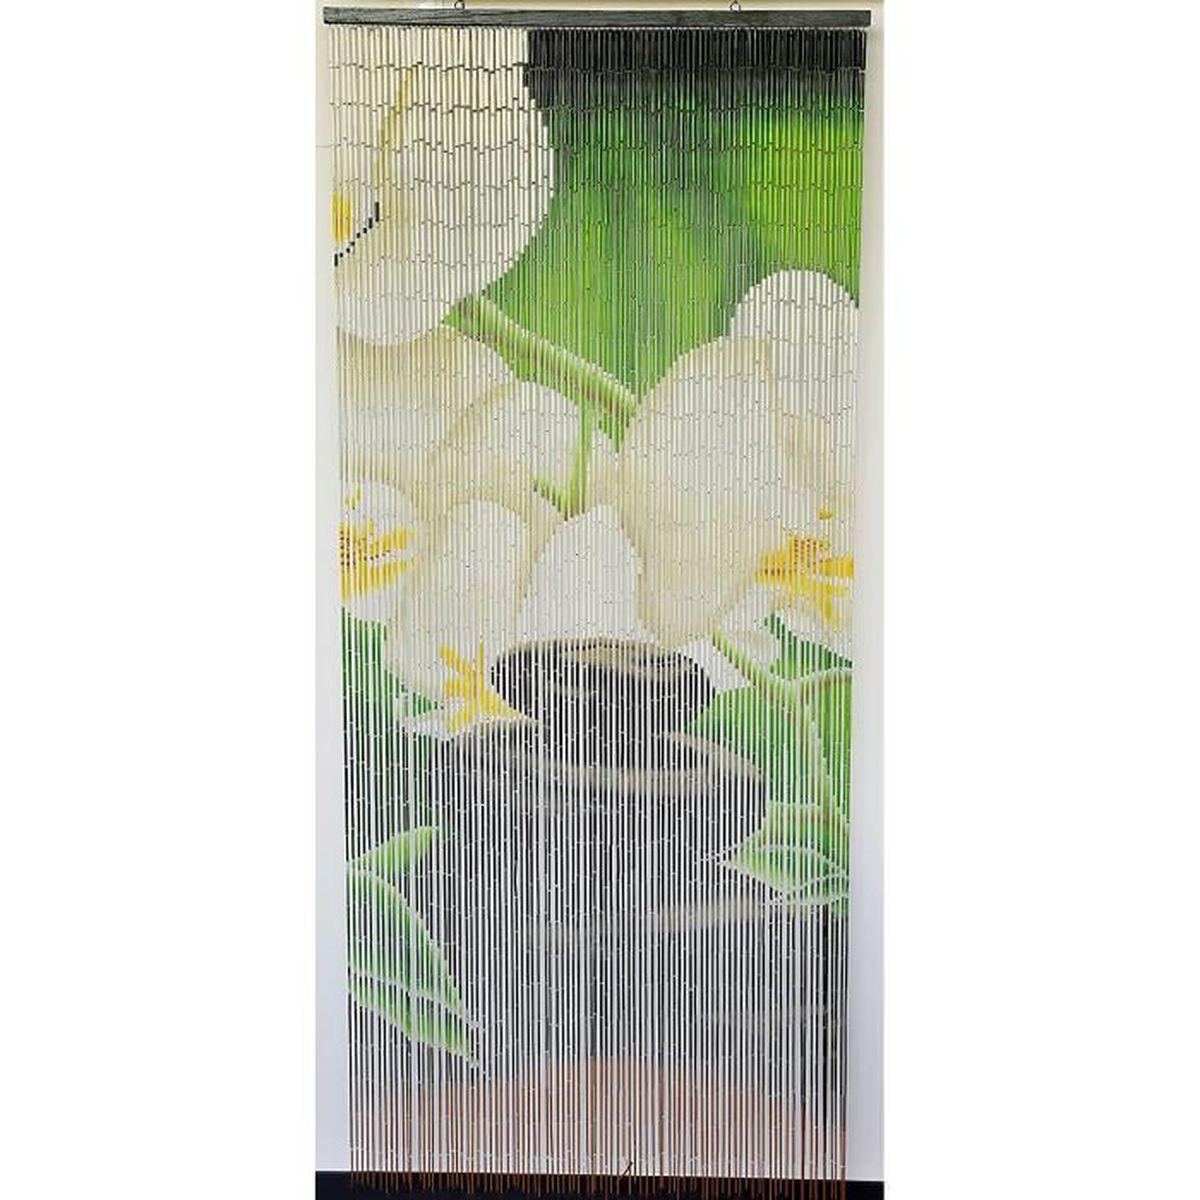 Rideau Porte D Entrée rideau de porte perles bambou,intérieur et extérieur, porte d'entrée porte  intérieure porte fenêtre taille 90x200cm n°12 zen